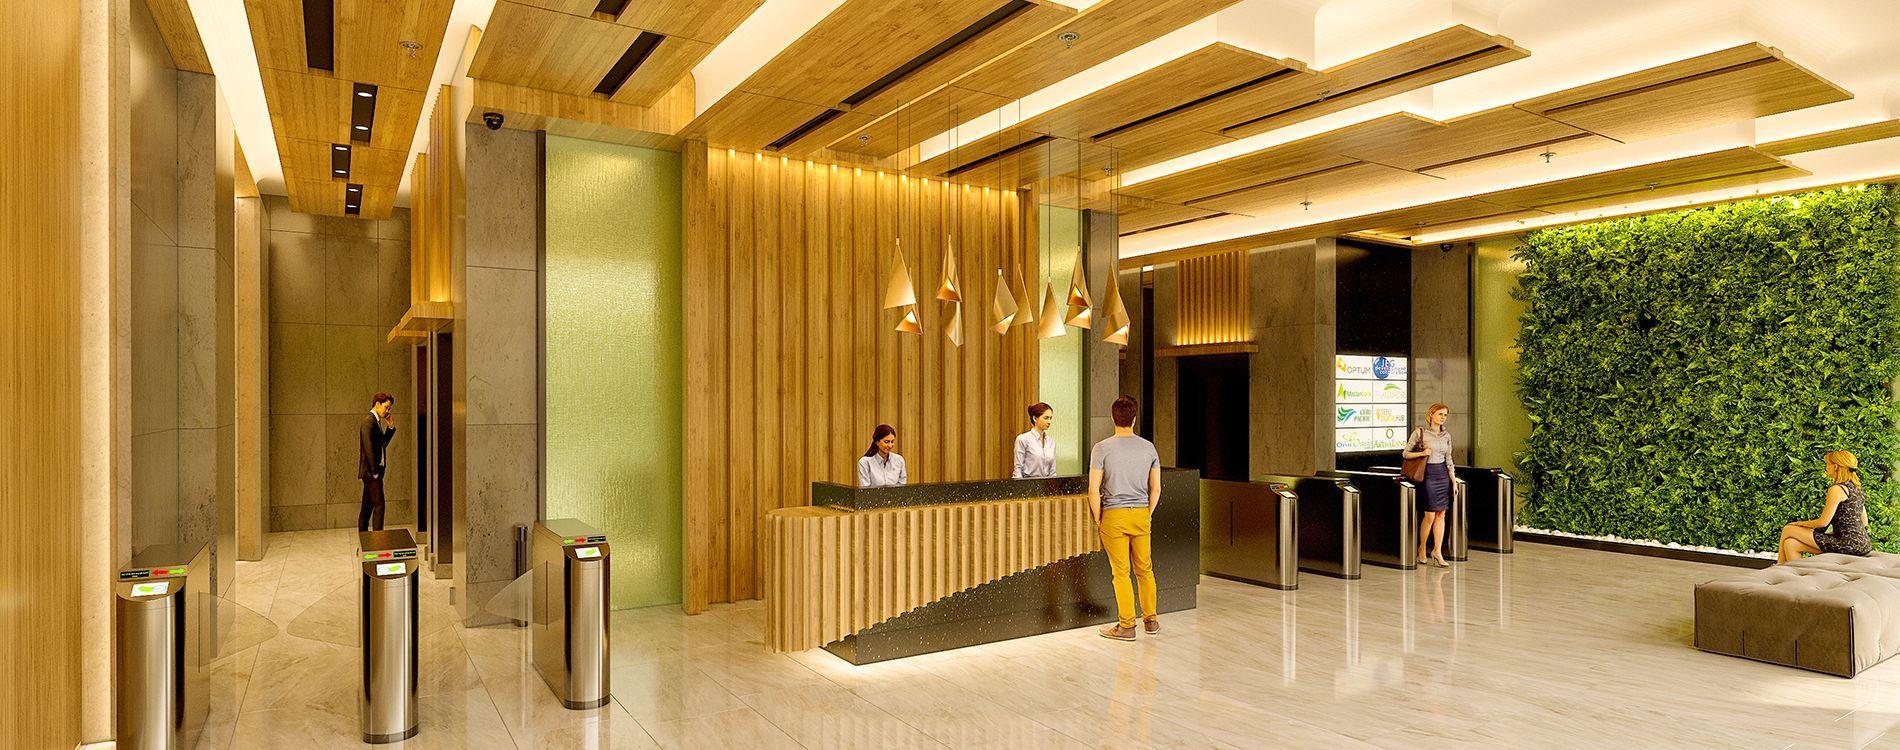 jeg-tower-interior-lobby-compressor